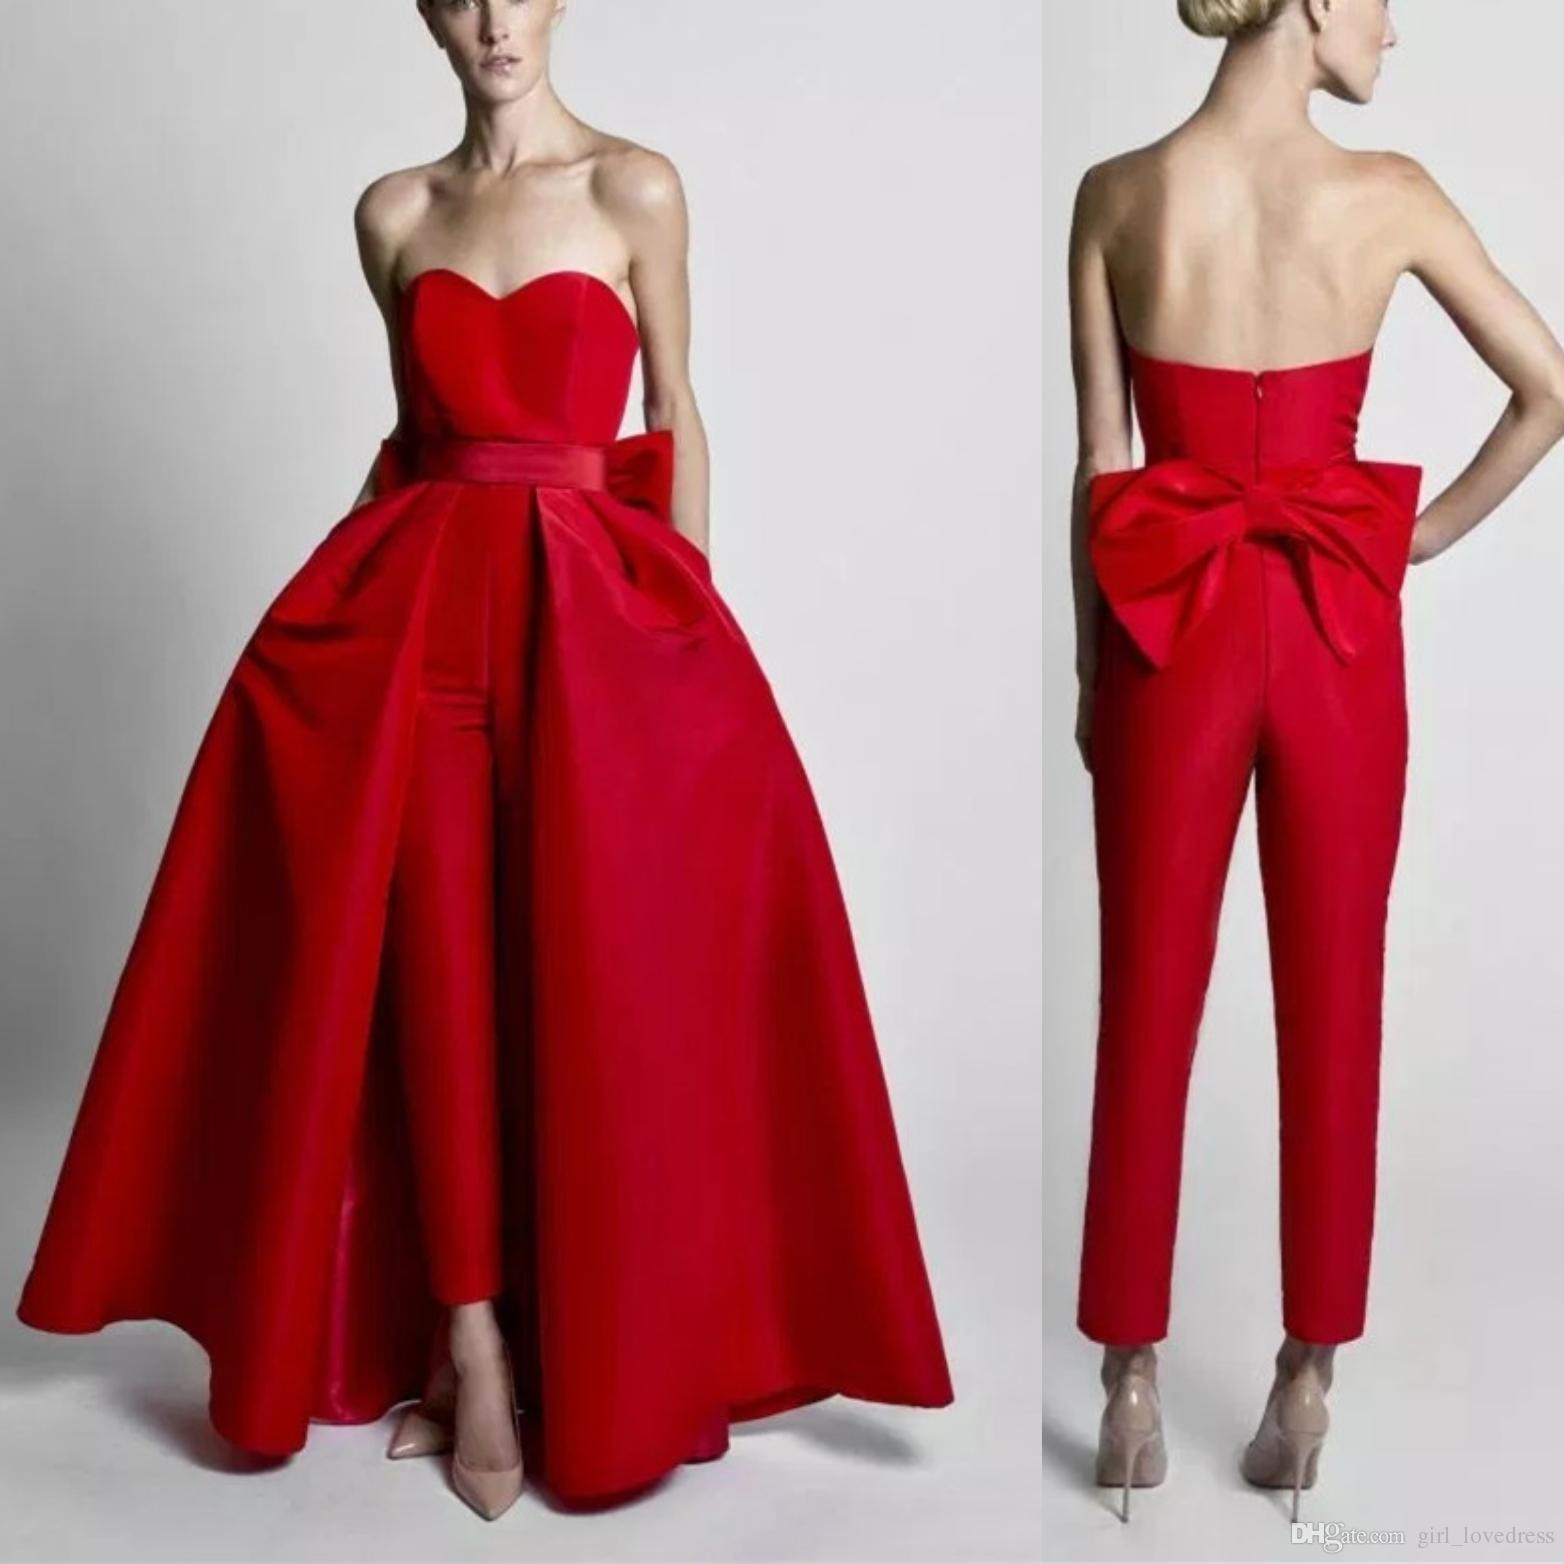 016b23098 Compre Elegantes Monos Rojos Vestidos De Noche Con Falda Convertible Cariño  Baile Vestidos Pantalones Para Mujeres Por Encargo A  100.5 Del  Girl lovedress ...